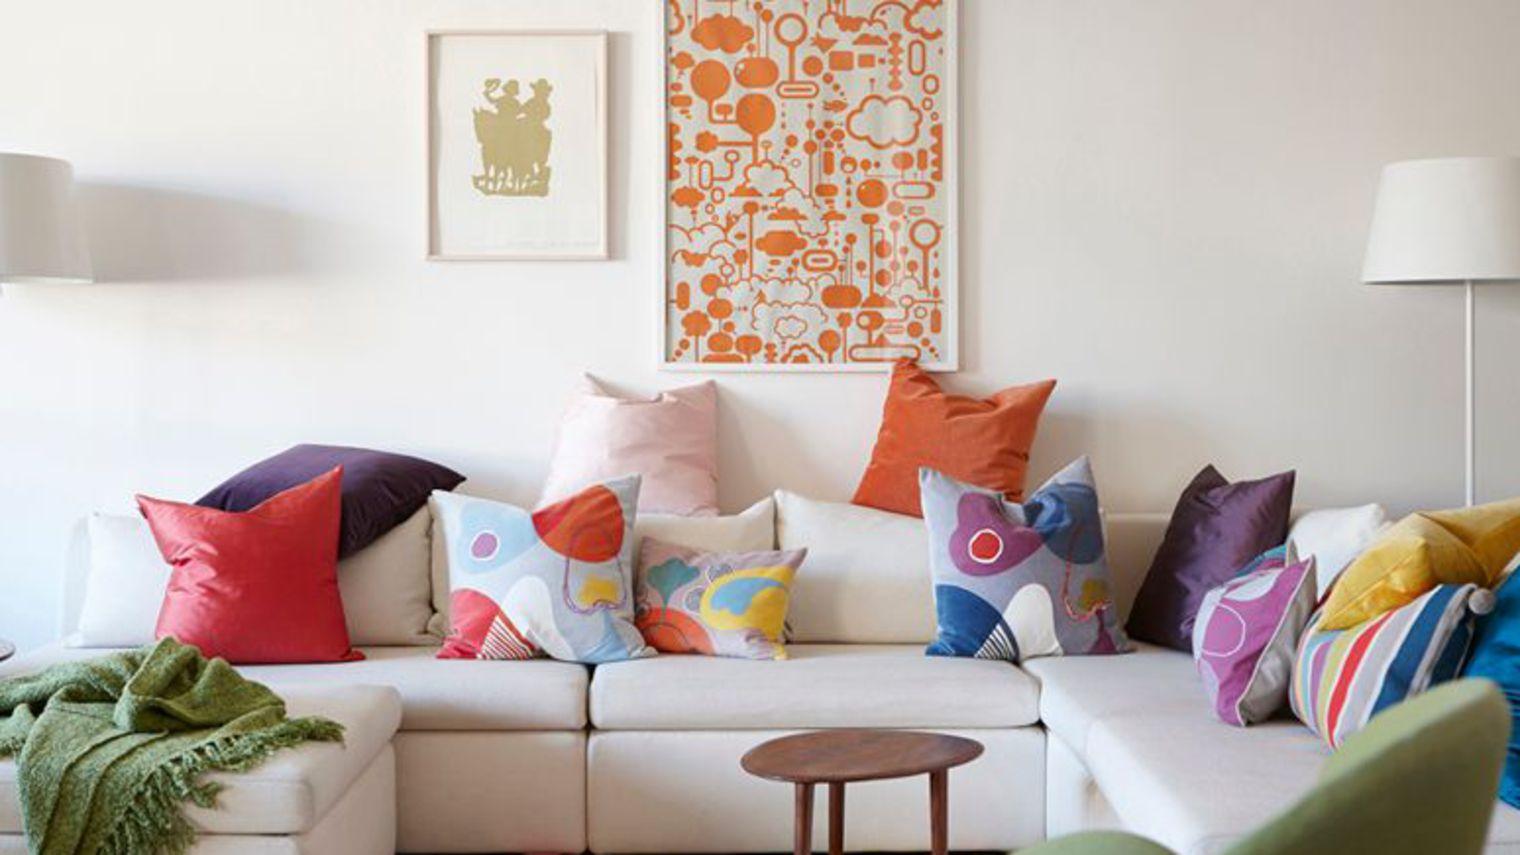 conseil deco couleur salon mettre couleur dans maison